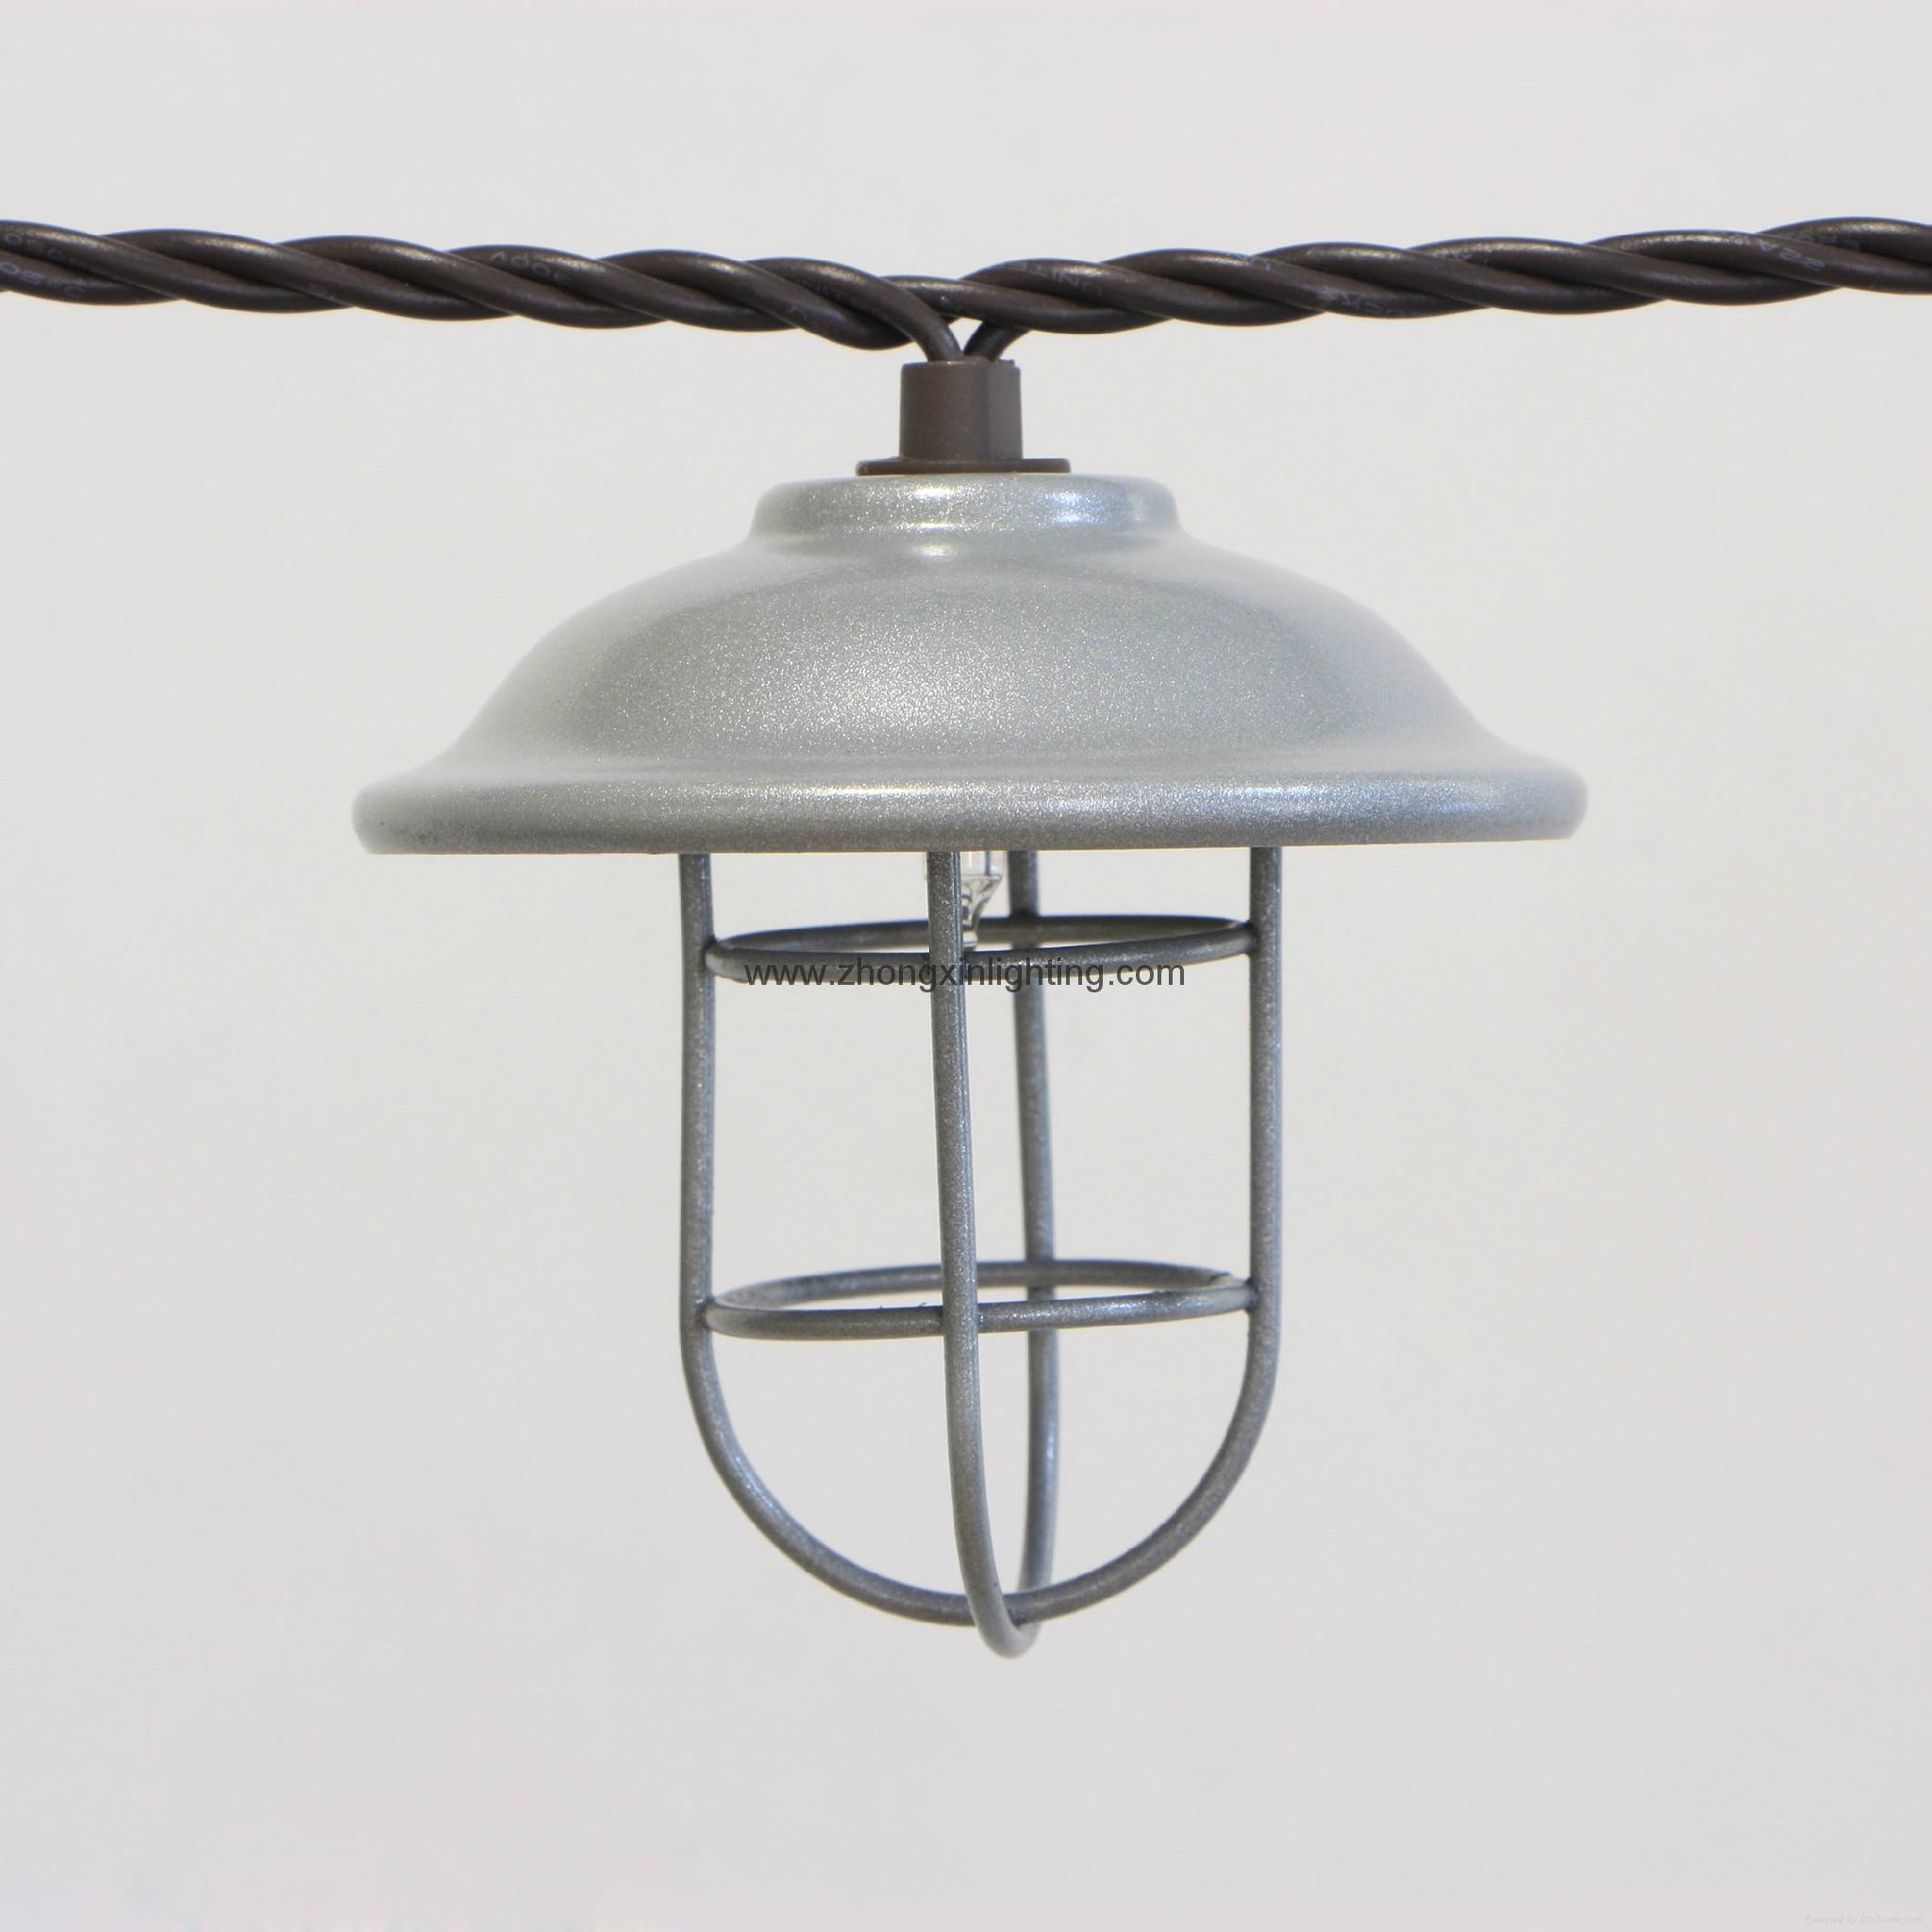 Garden String Light Decorative Galvanized Hood Amp Wire Cage